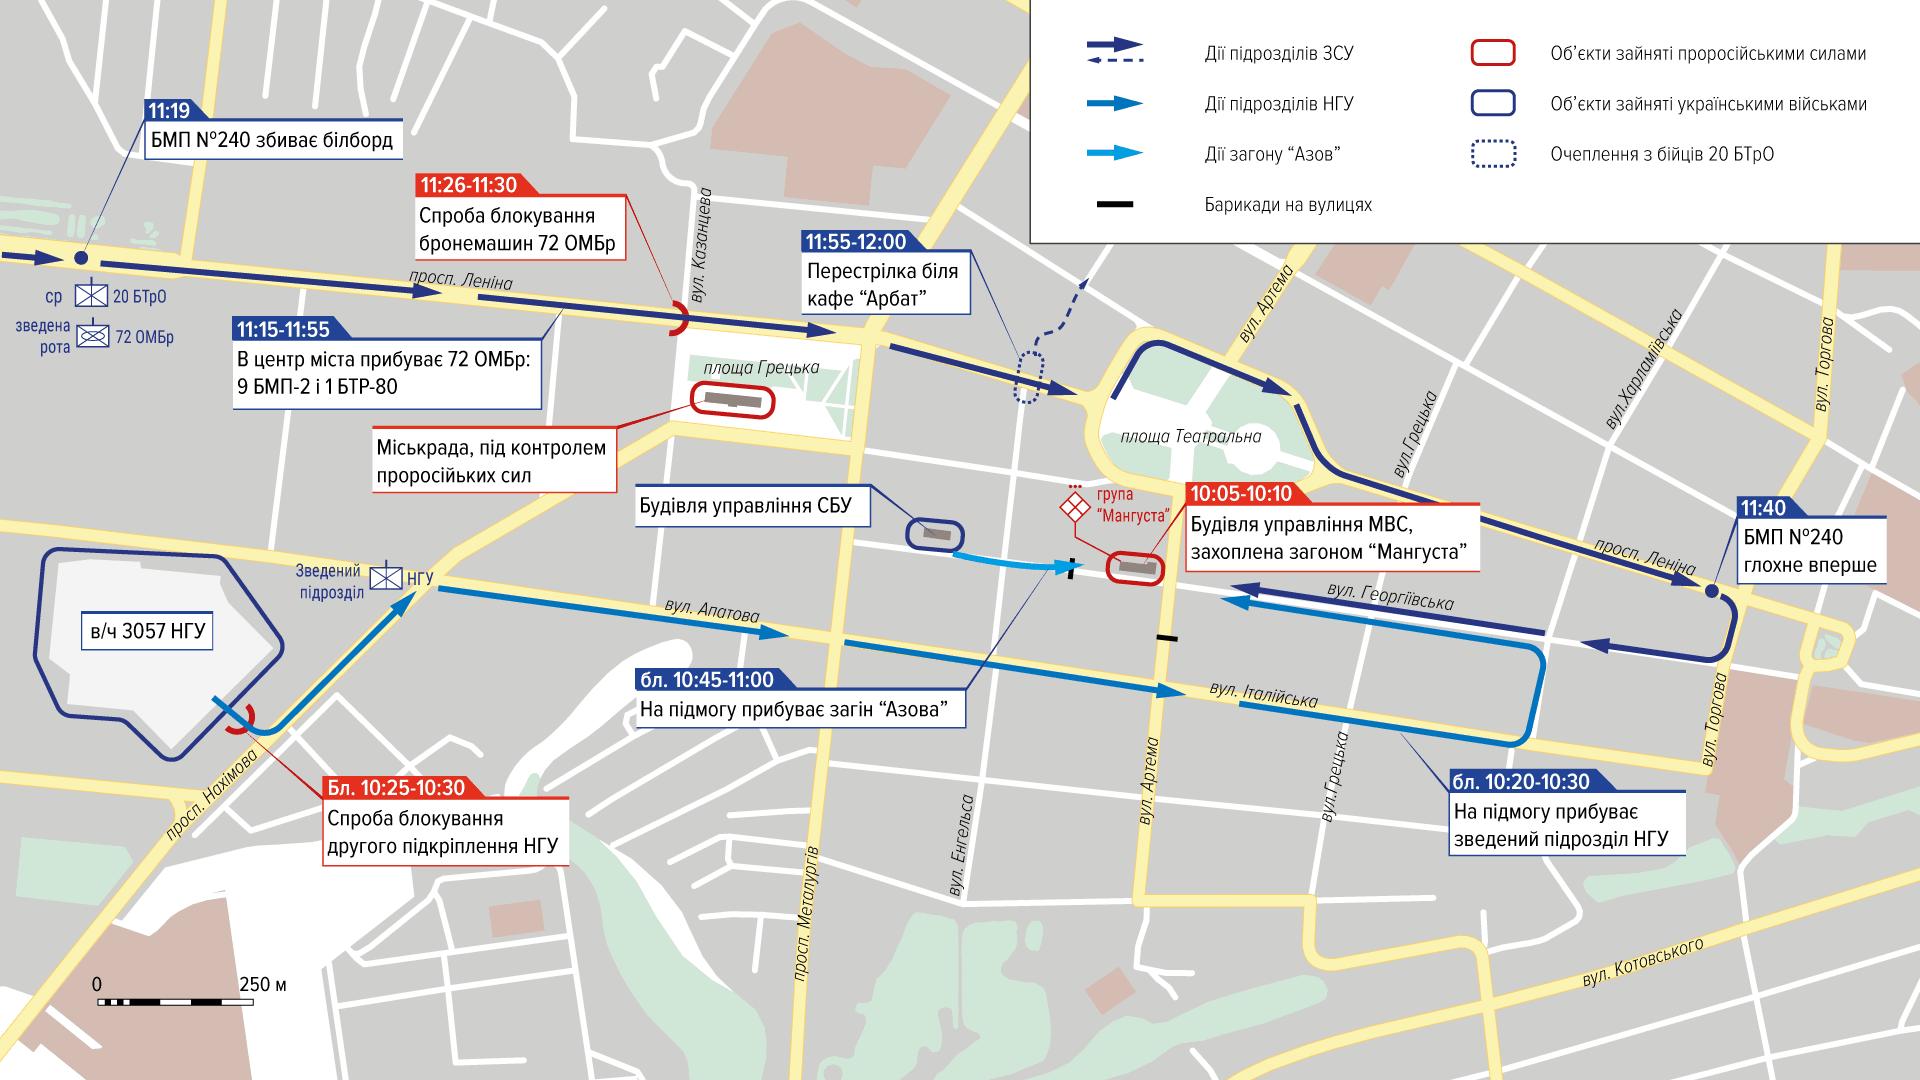 Рух українських підрозділів у місті.